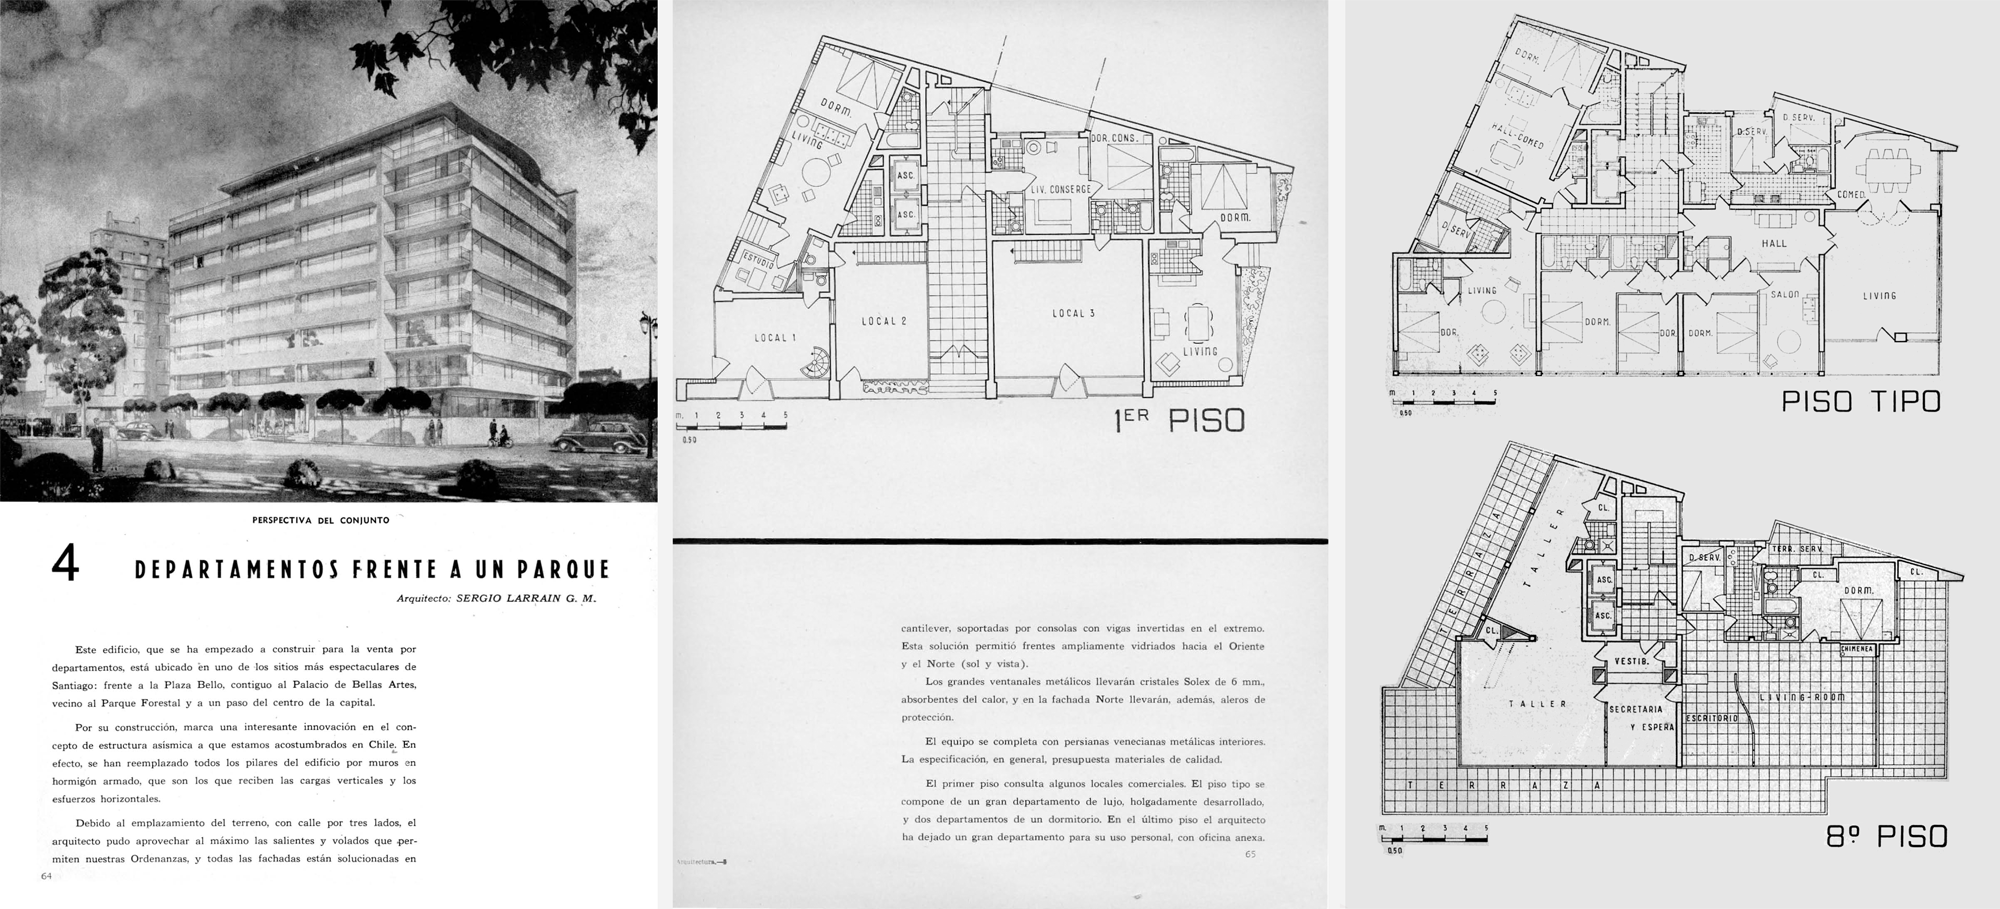 """Iconografía del caso """"Departamentos frente a un parque"""". Arquitectura y Construcción Nº 2, pp.64-66"""